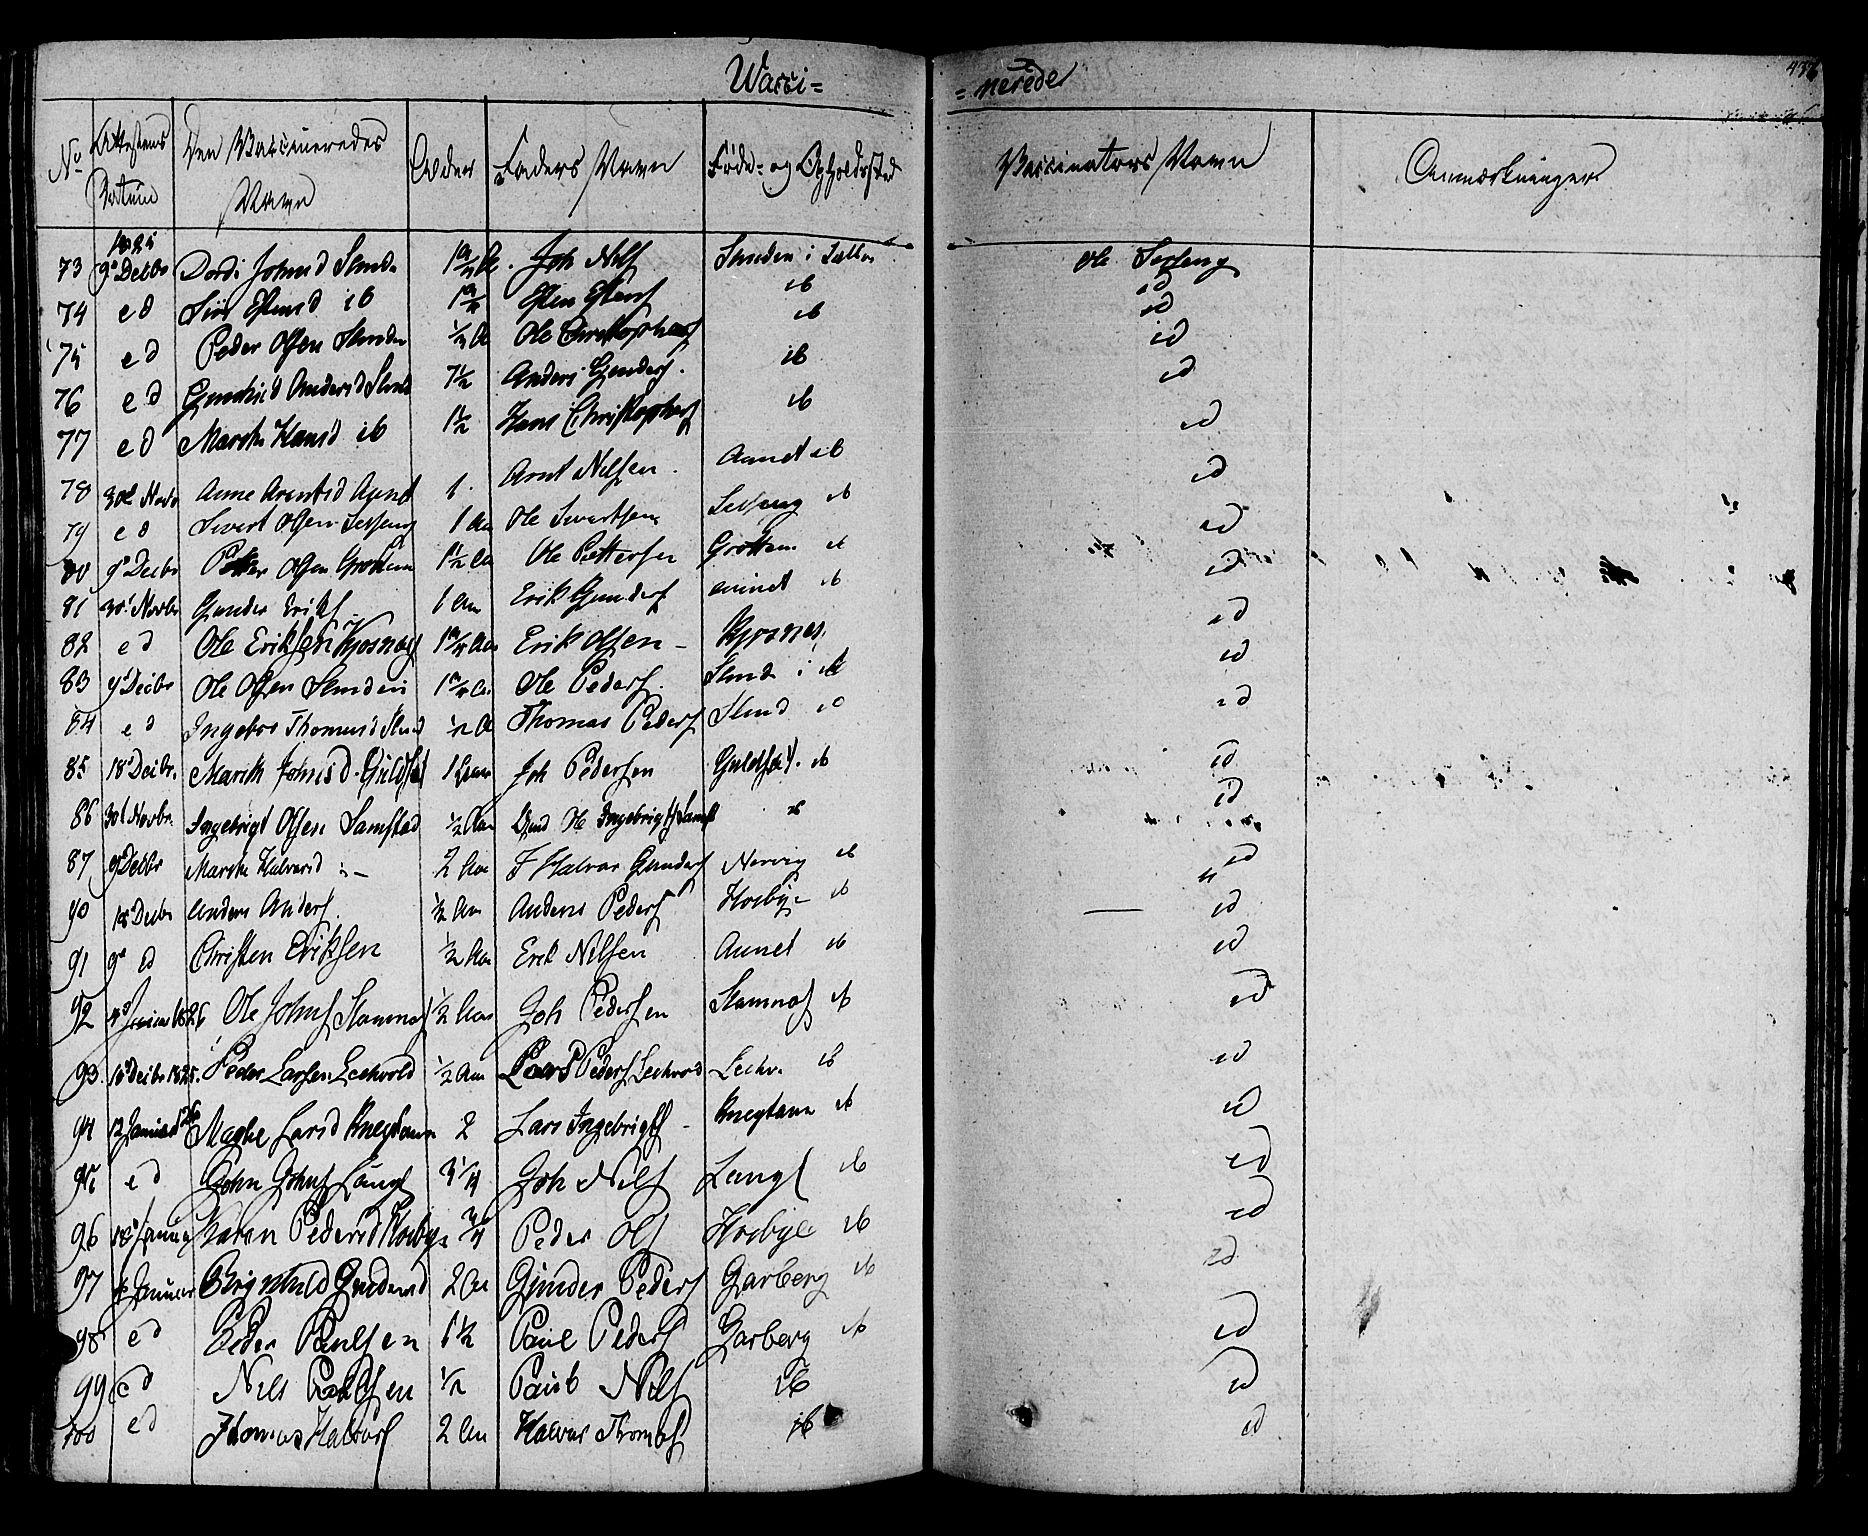 SAT, Ministerialprotokoller, klokkerbøker og fødselsregistre - Sør-Trøndelag, 695/L1143: Ministerialbok nr. 695A05 /1, 1824-1842, s. 436